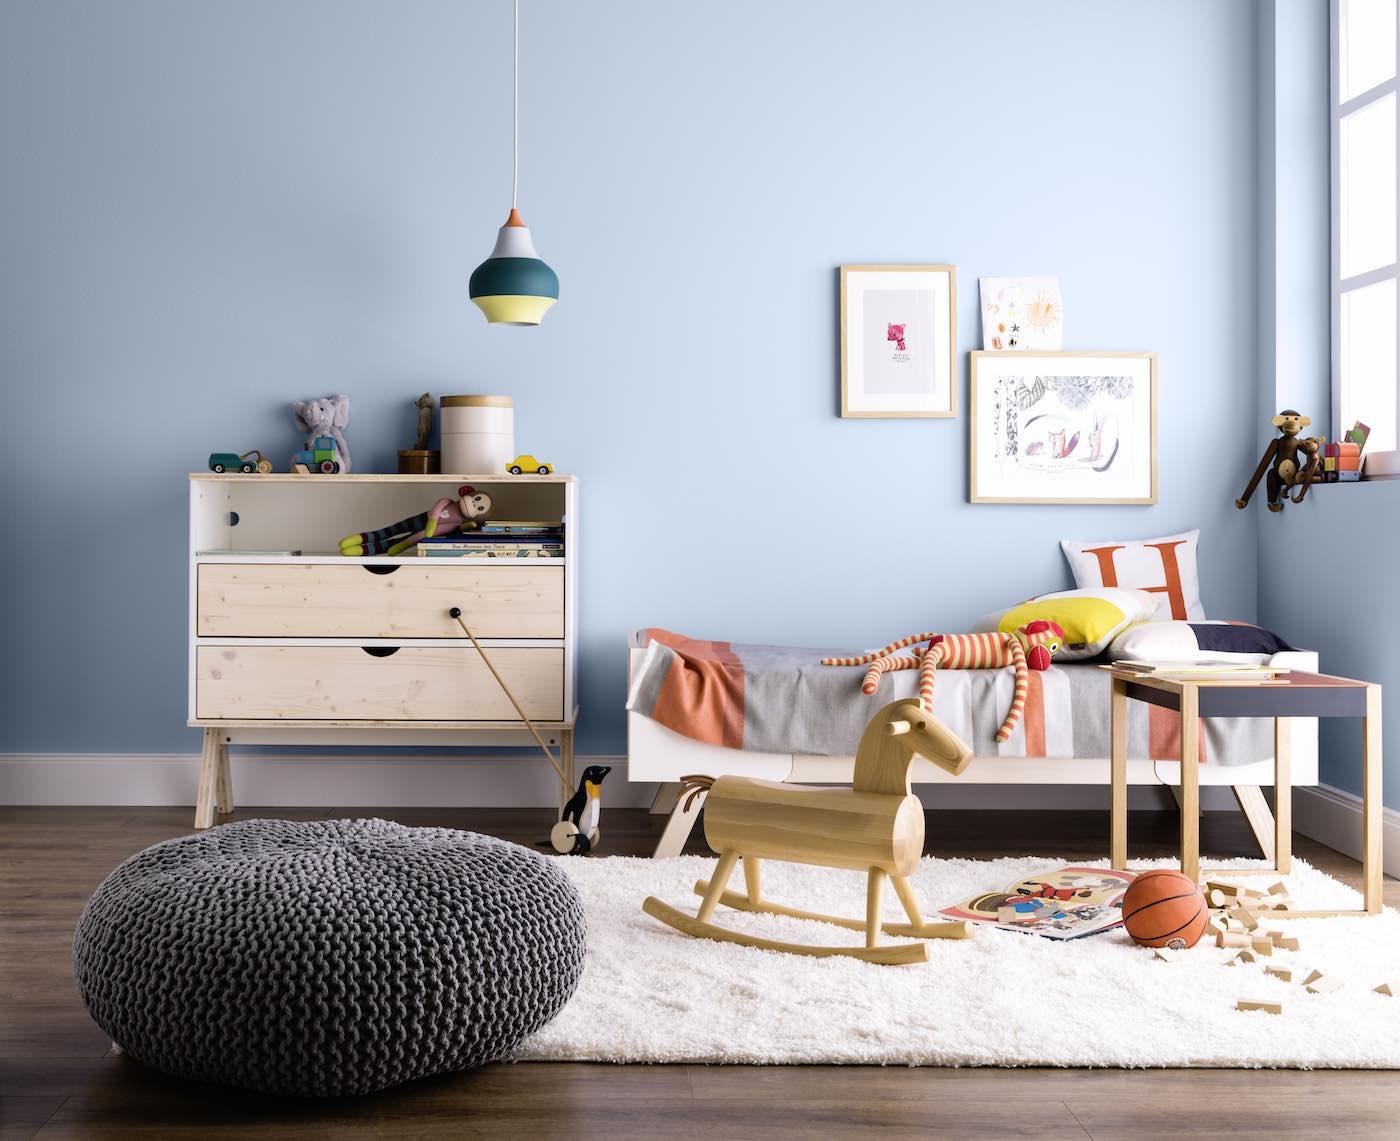 Kinderzimmer in Quellblau | Berlin mit Kind